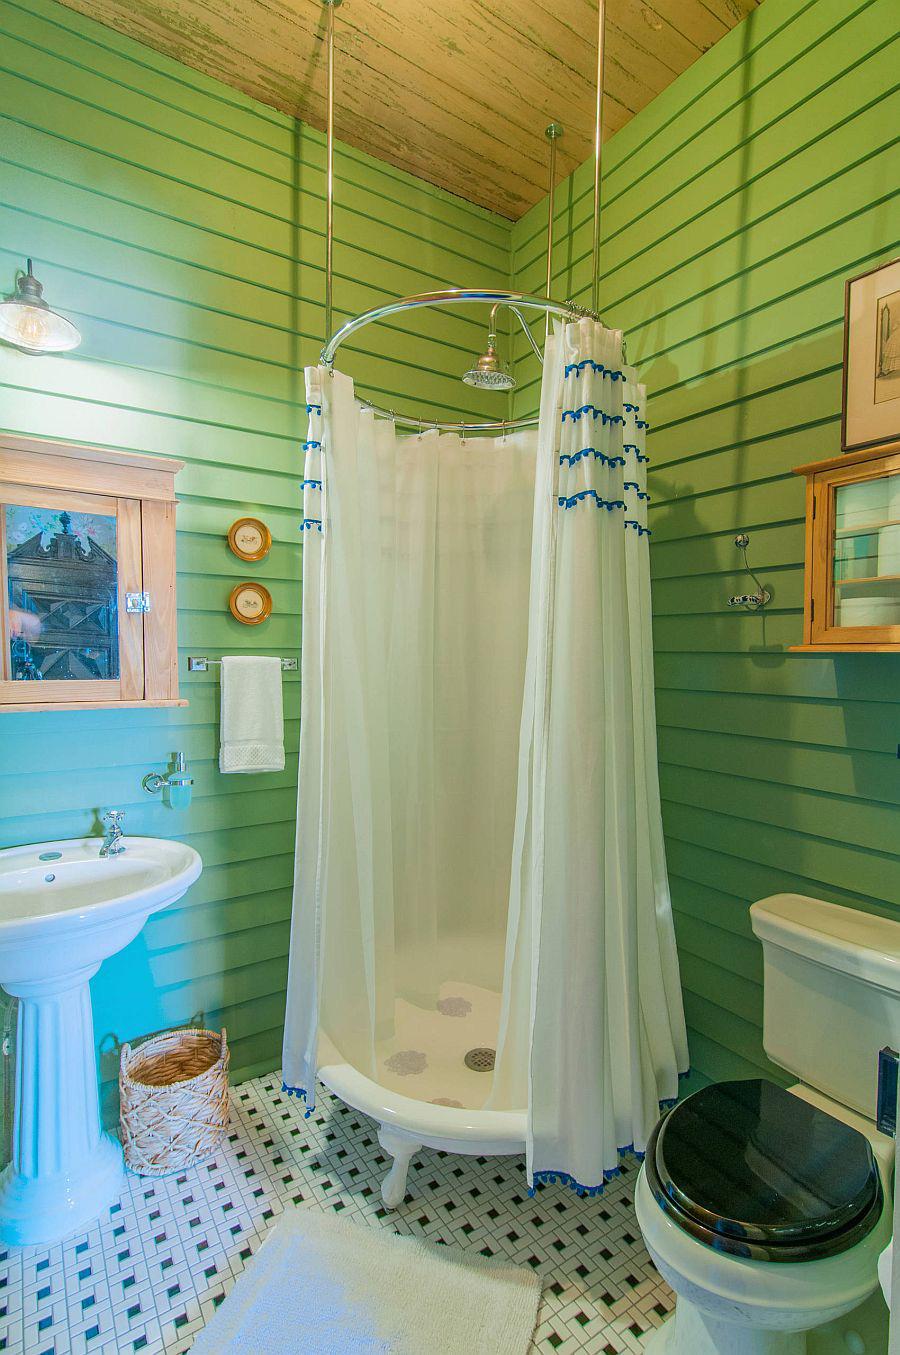 Xu hướng phòng tắm cho năm 2020: 25 ý tưởng và cảm hứng cho năm mới - Ảnh 15.